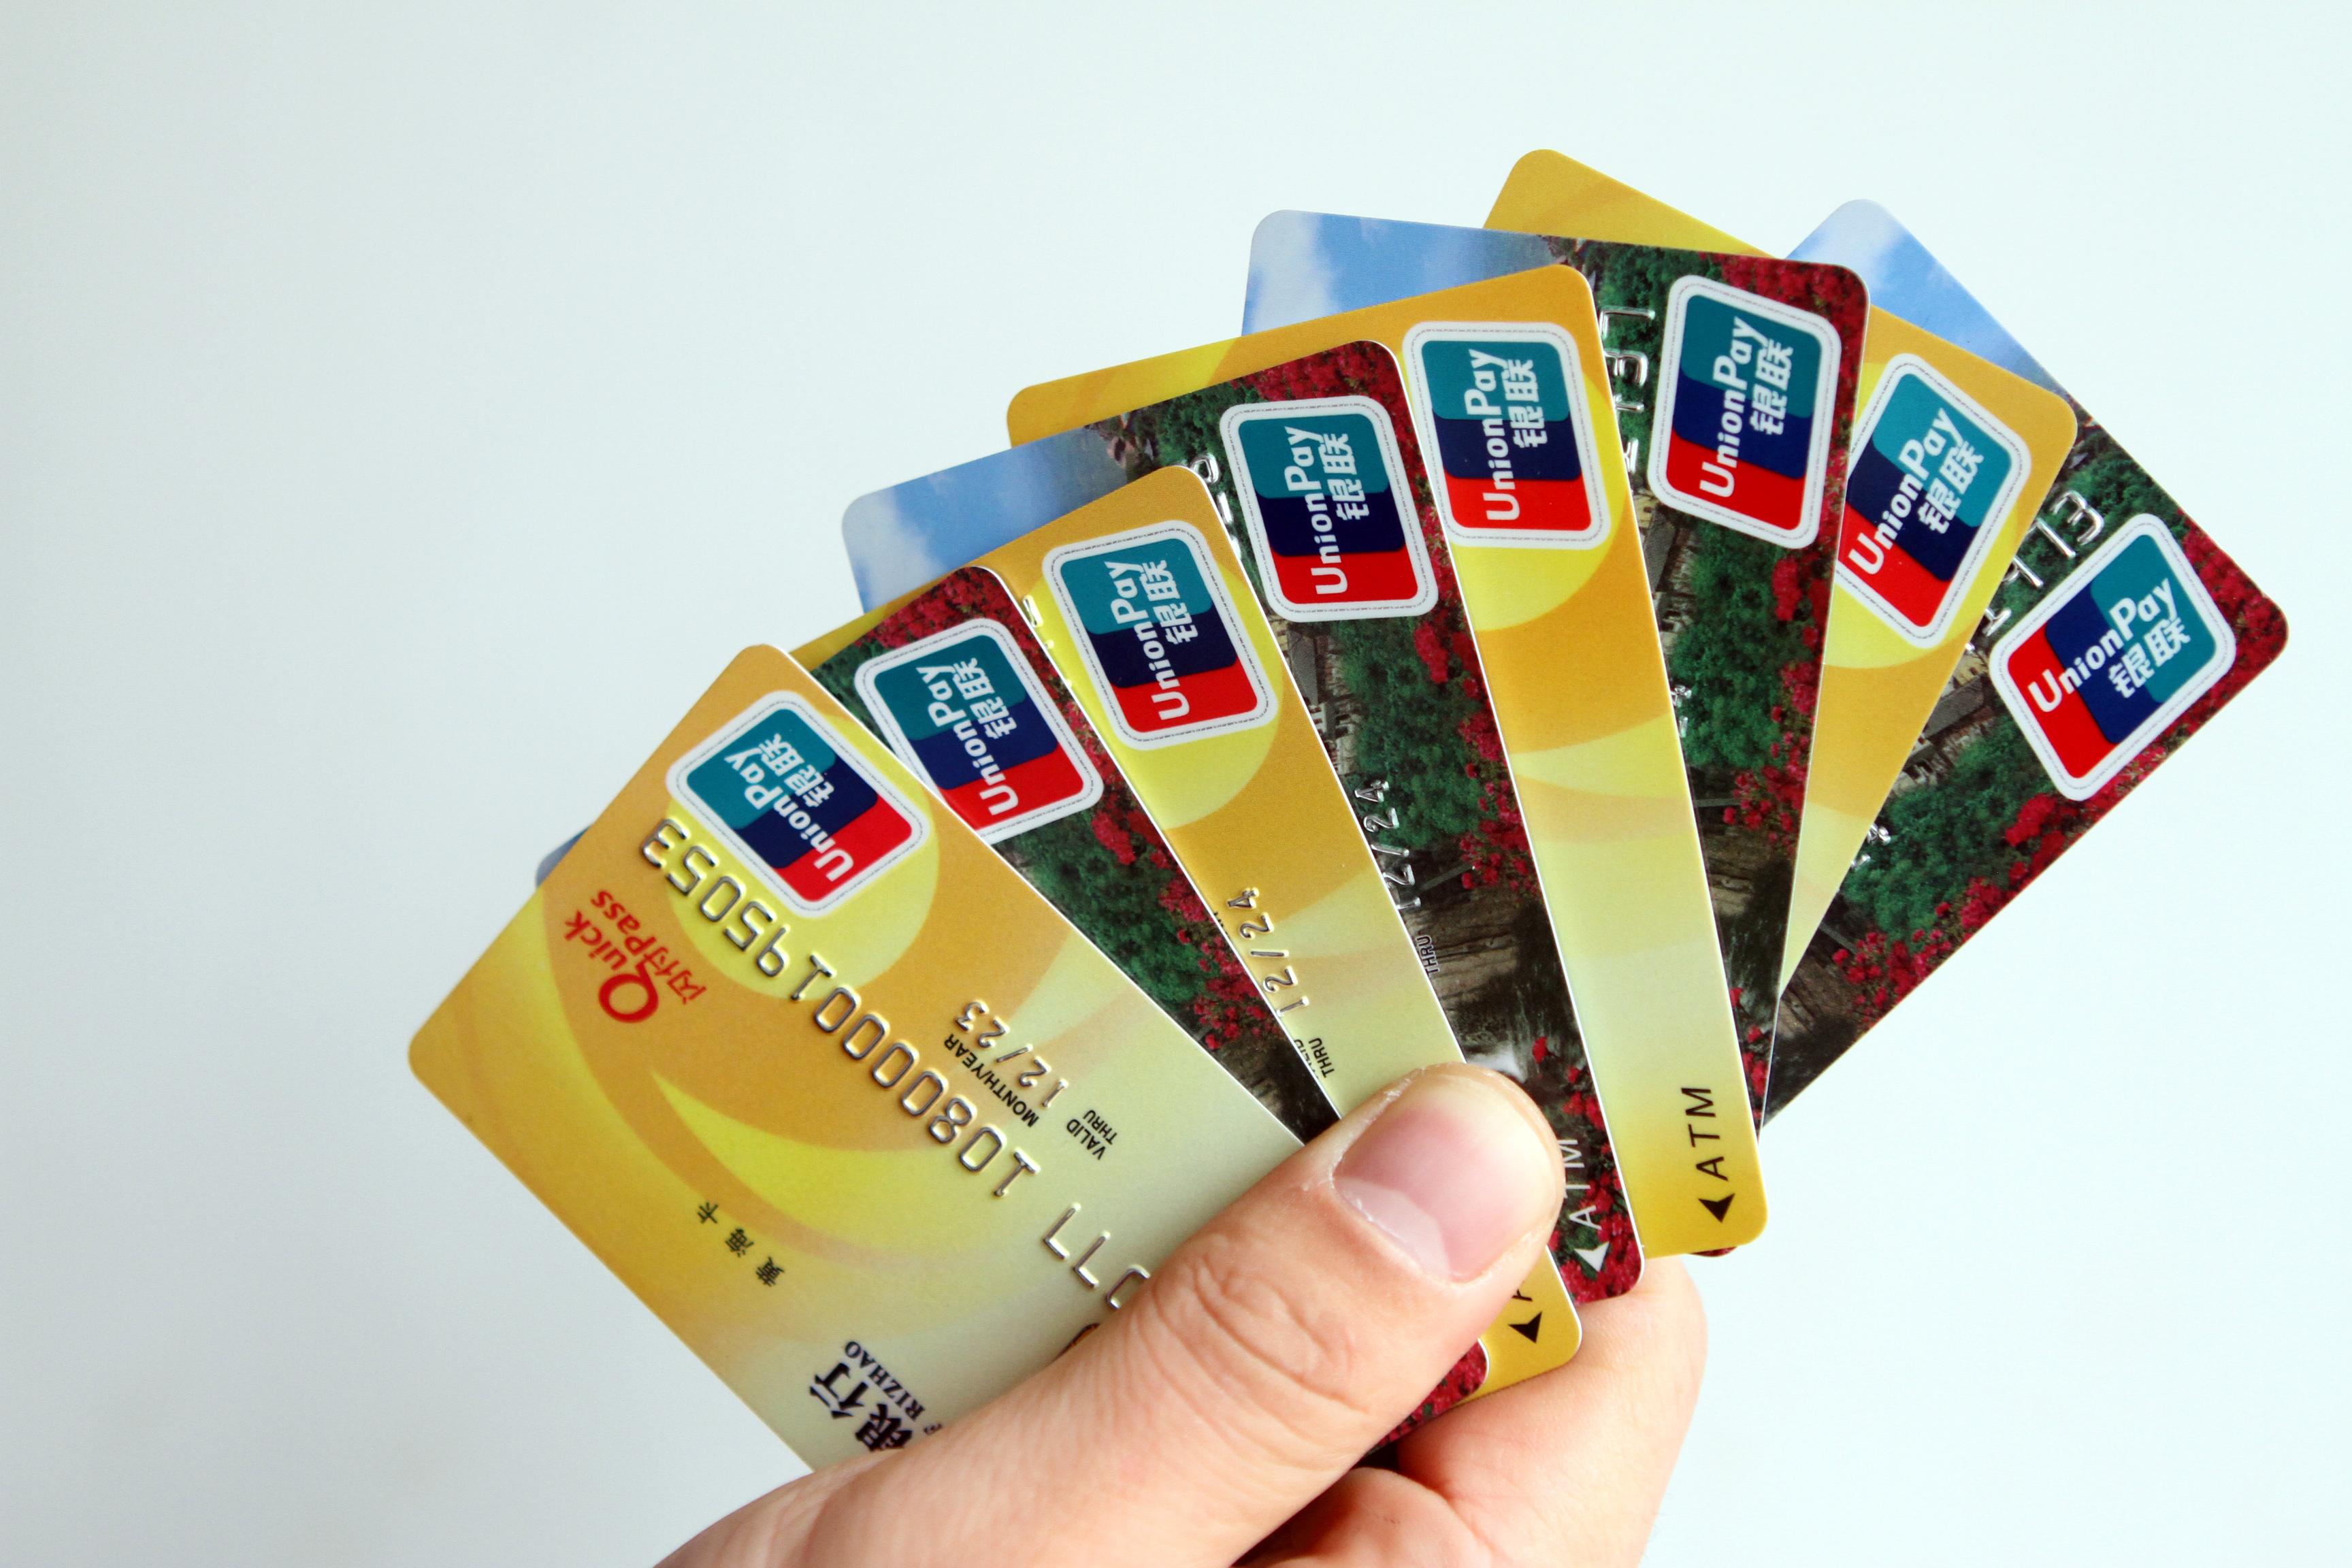 广发出新卡,微信返现1200元,已有网友下卡!